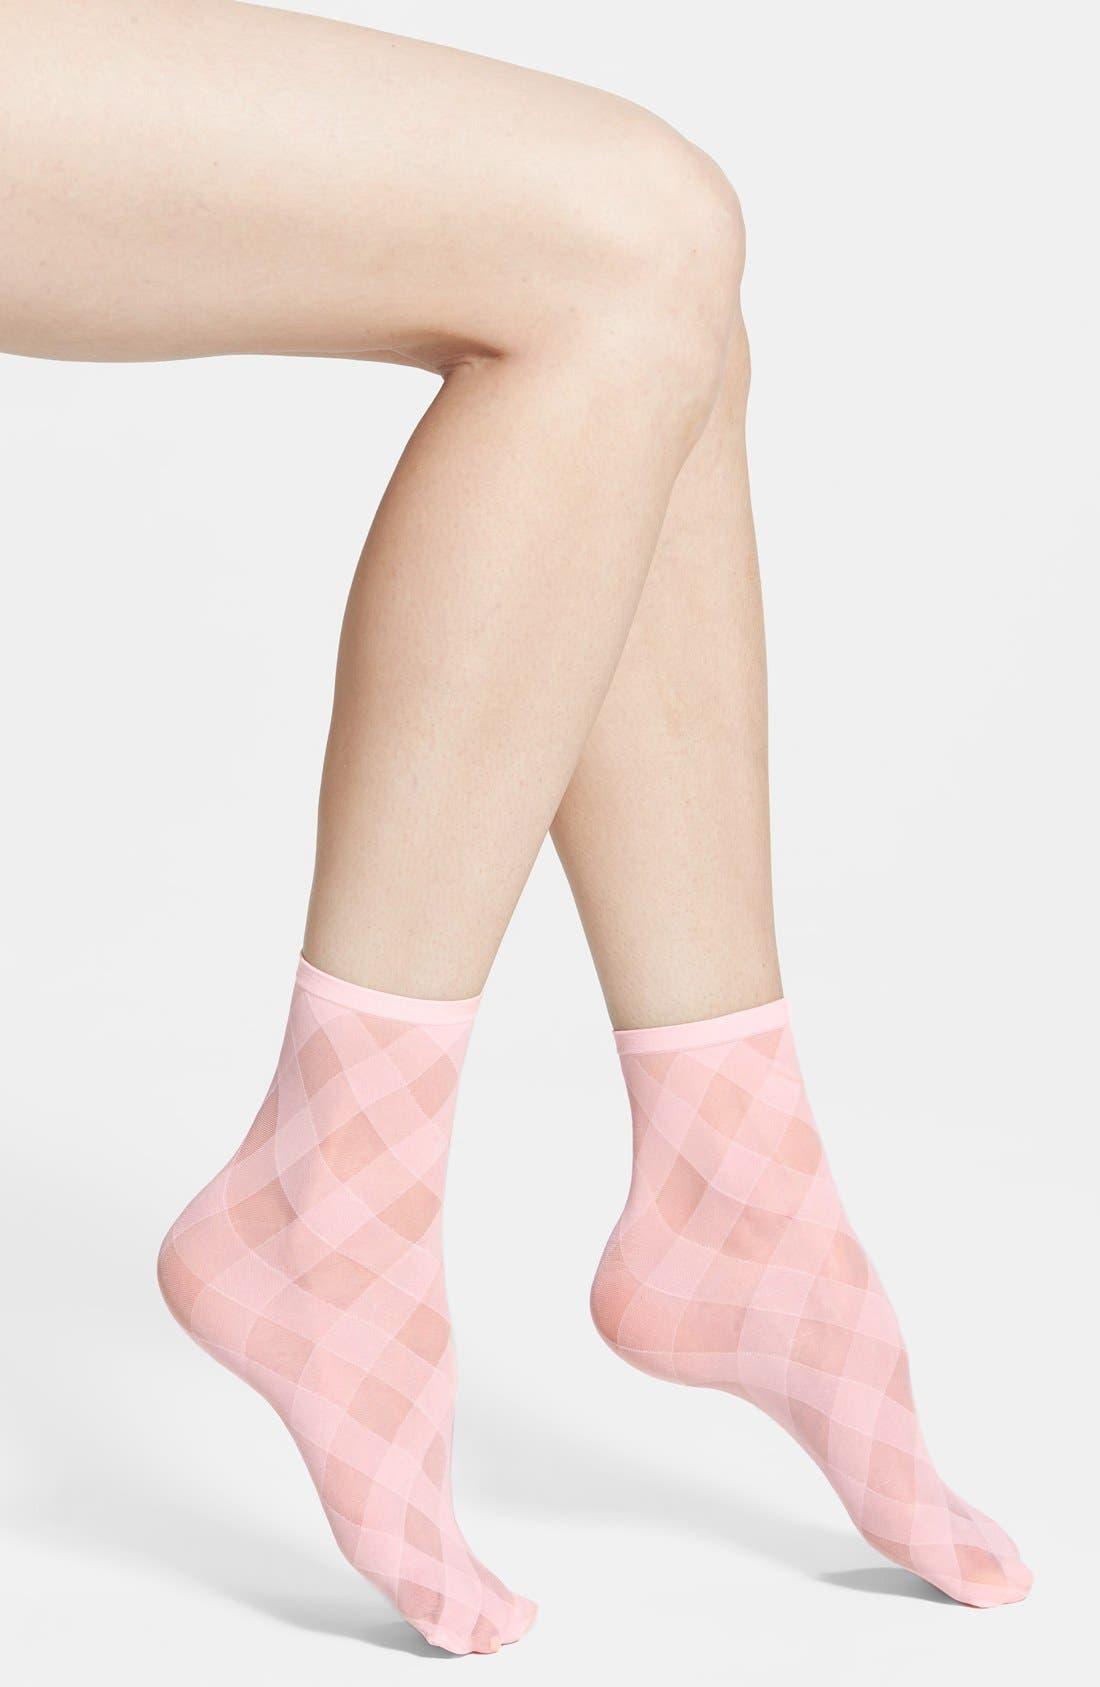 Alternate Image 1 Selected - Hue 'Diagonal Ribbon' Sheer Ankle Socks